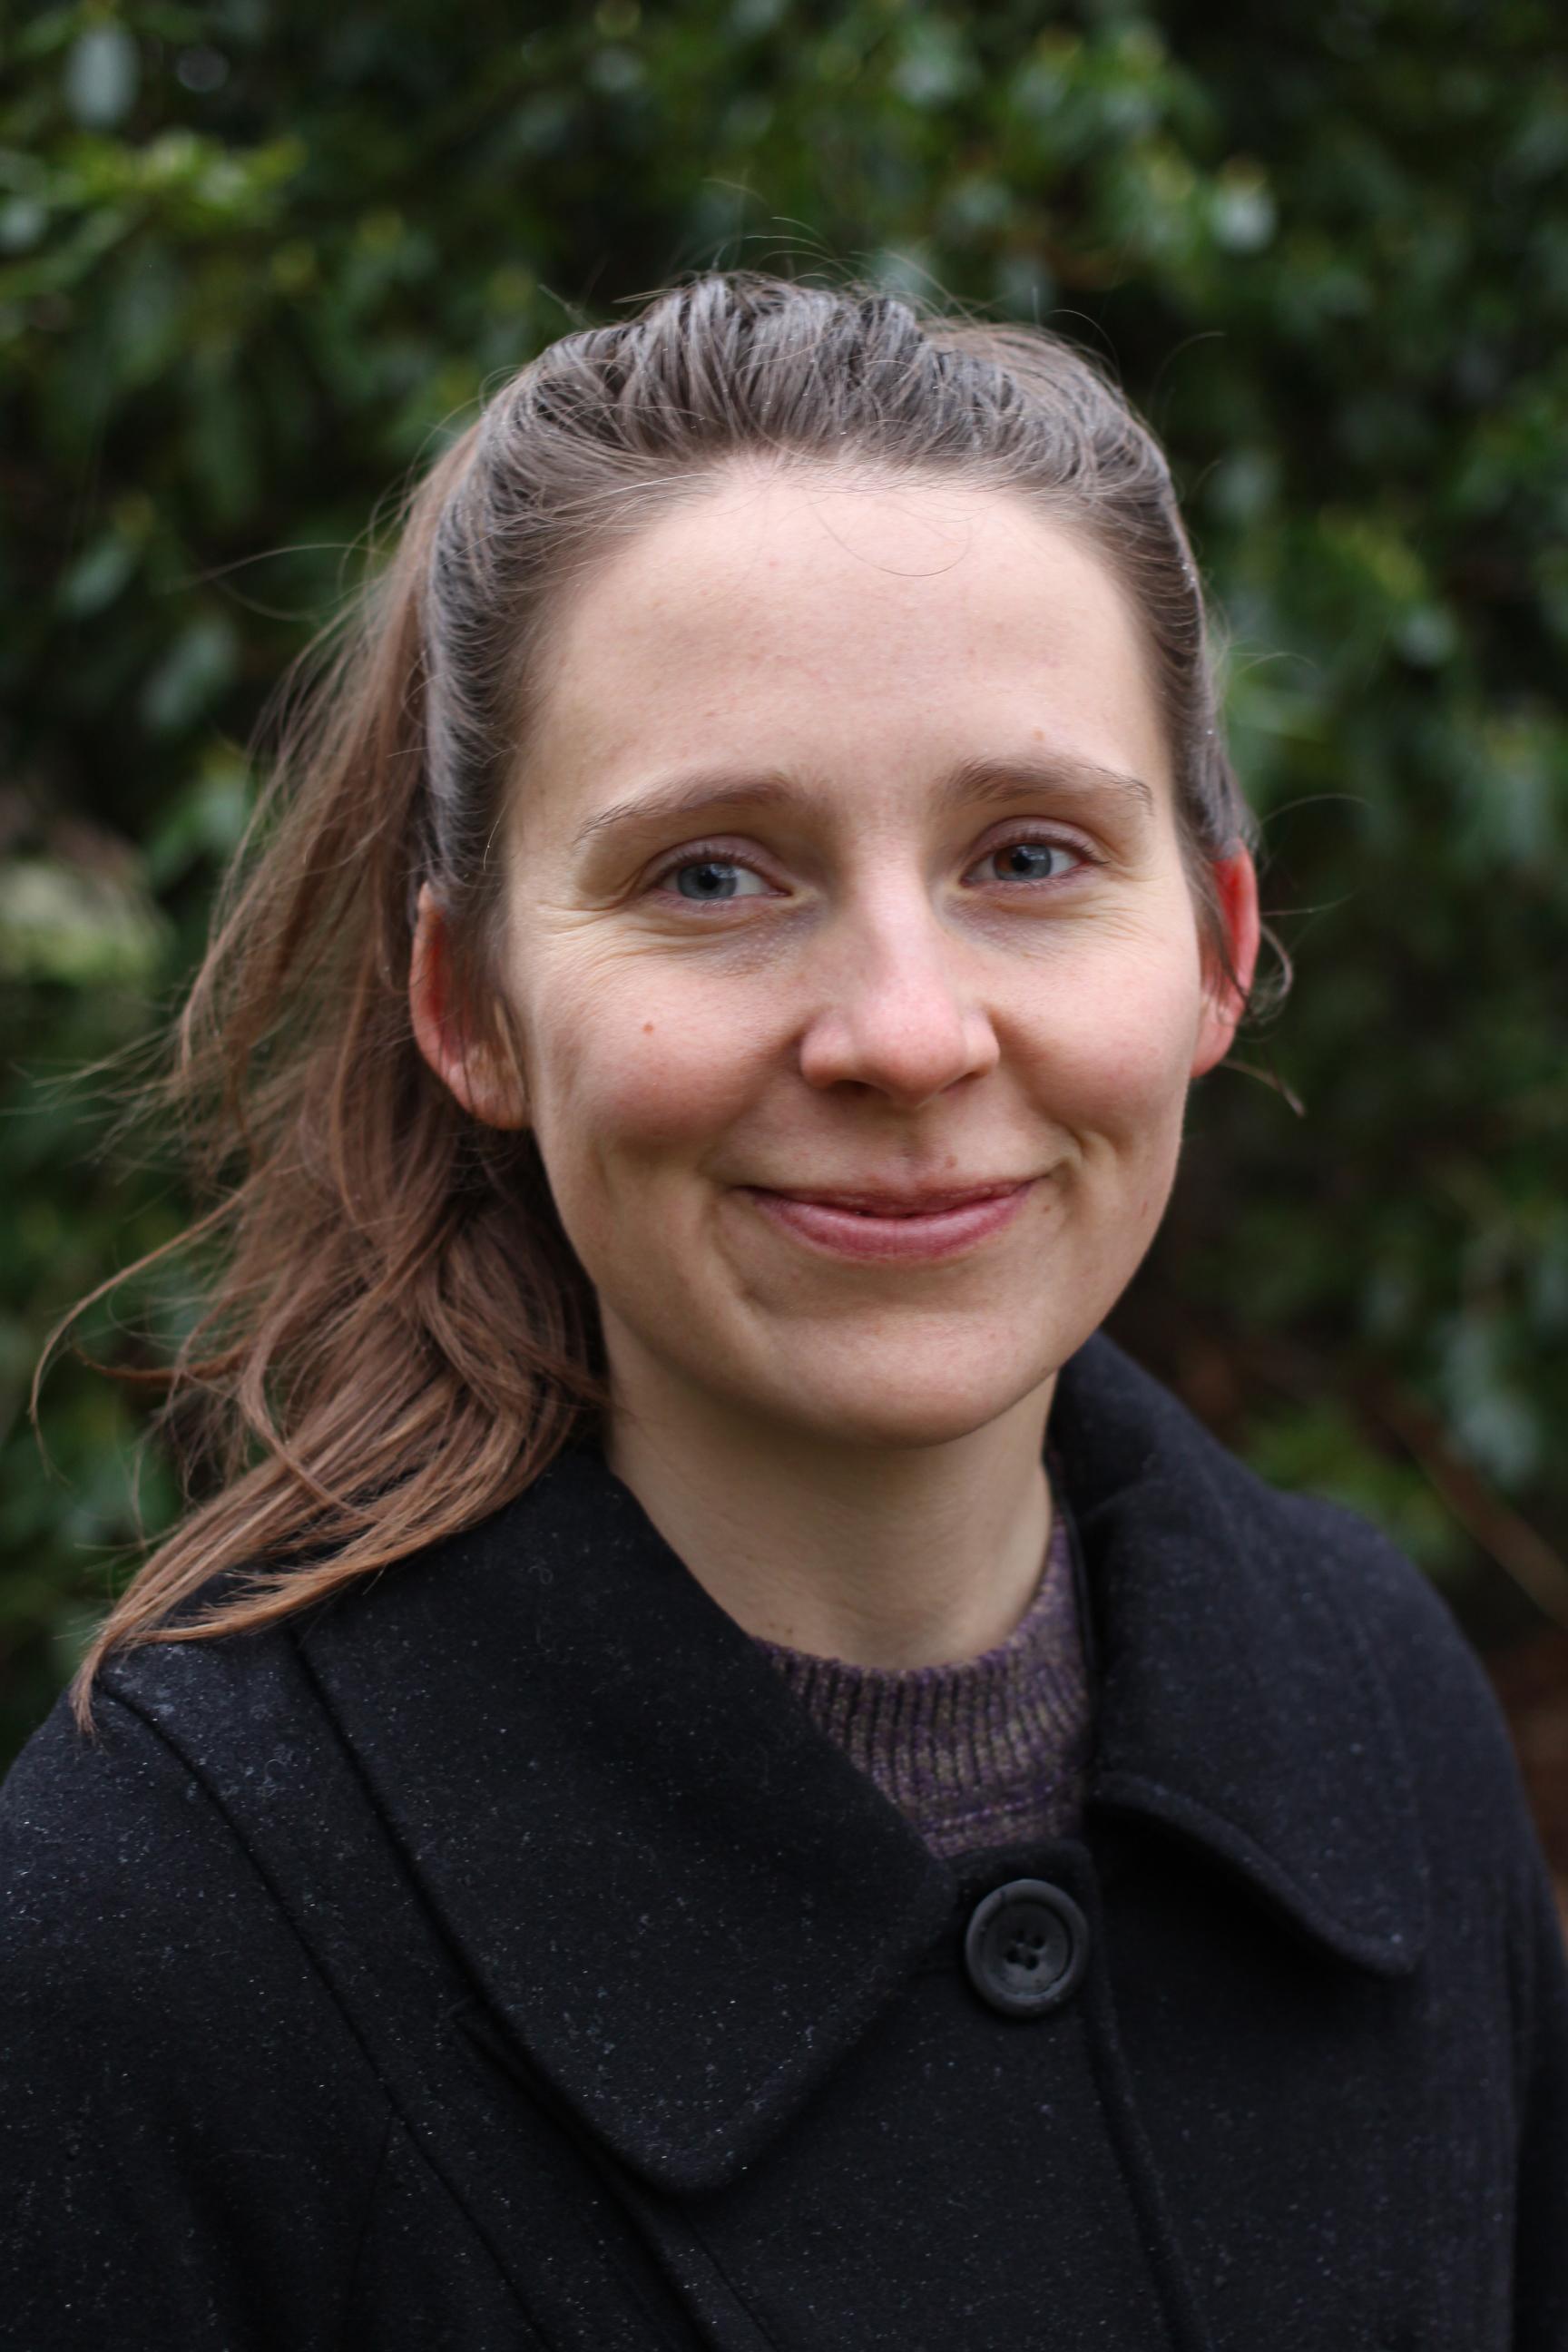 Maja Gunhild Joensen